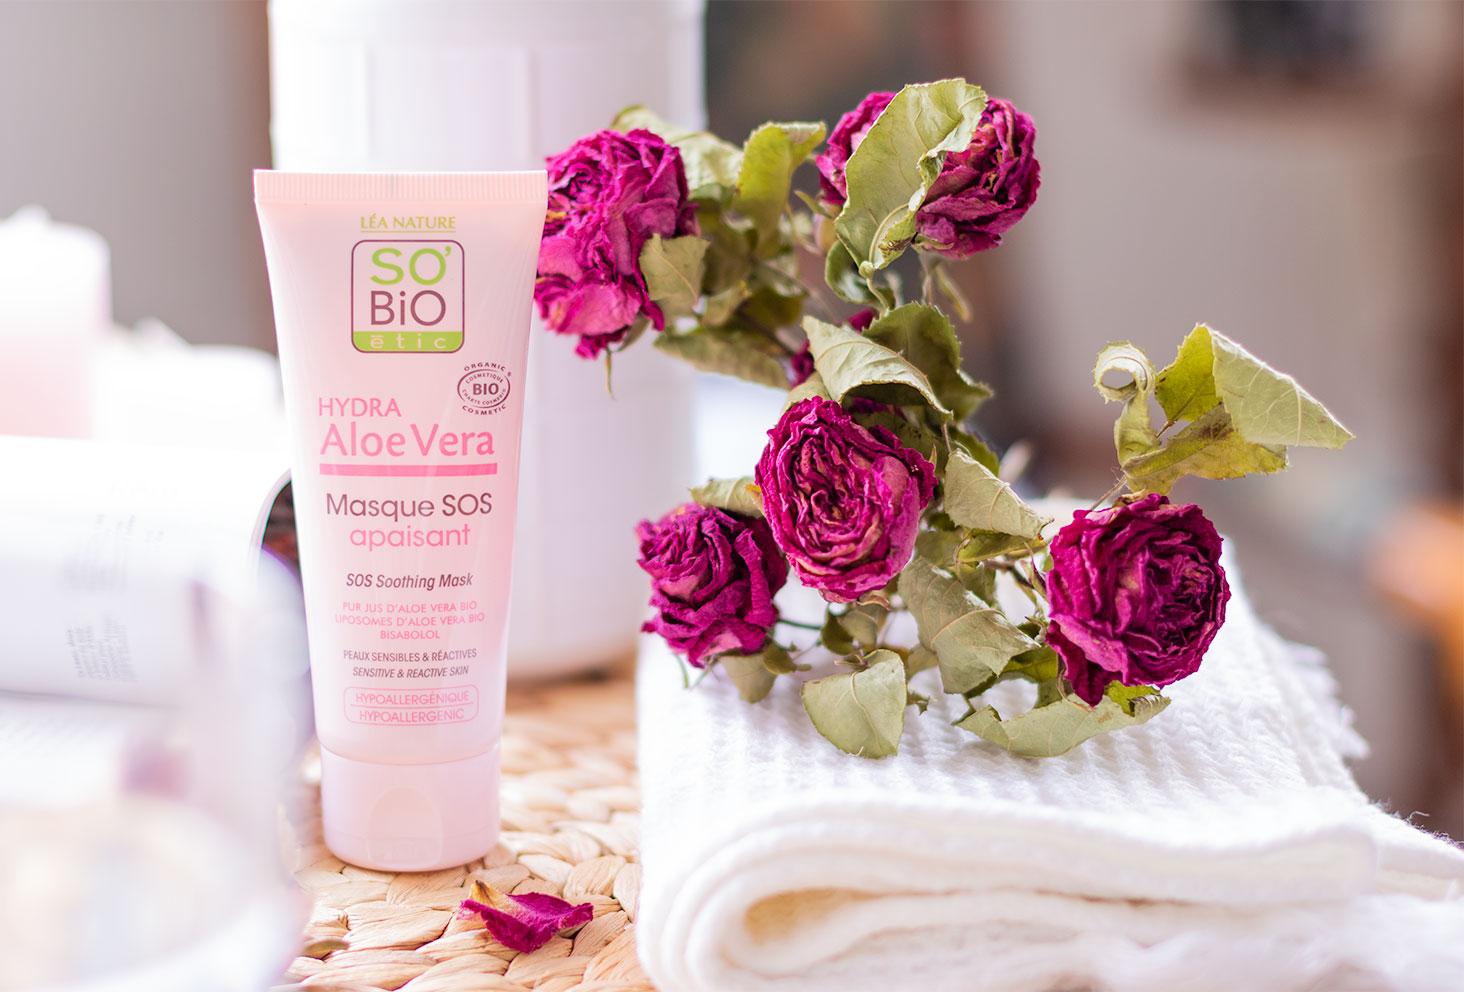 Le masque apaisant Hydra Aloe Vera de SO'BiO étic sur un dessous en osier, debout à côté de rose séchées et d'une serviette blanche